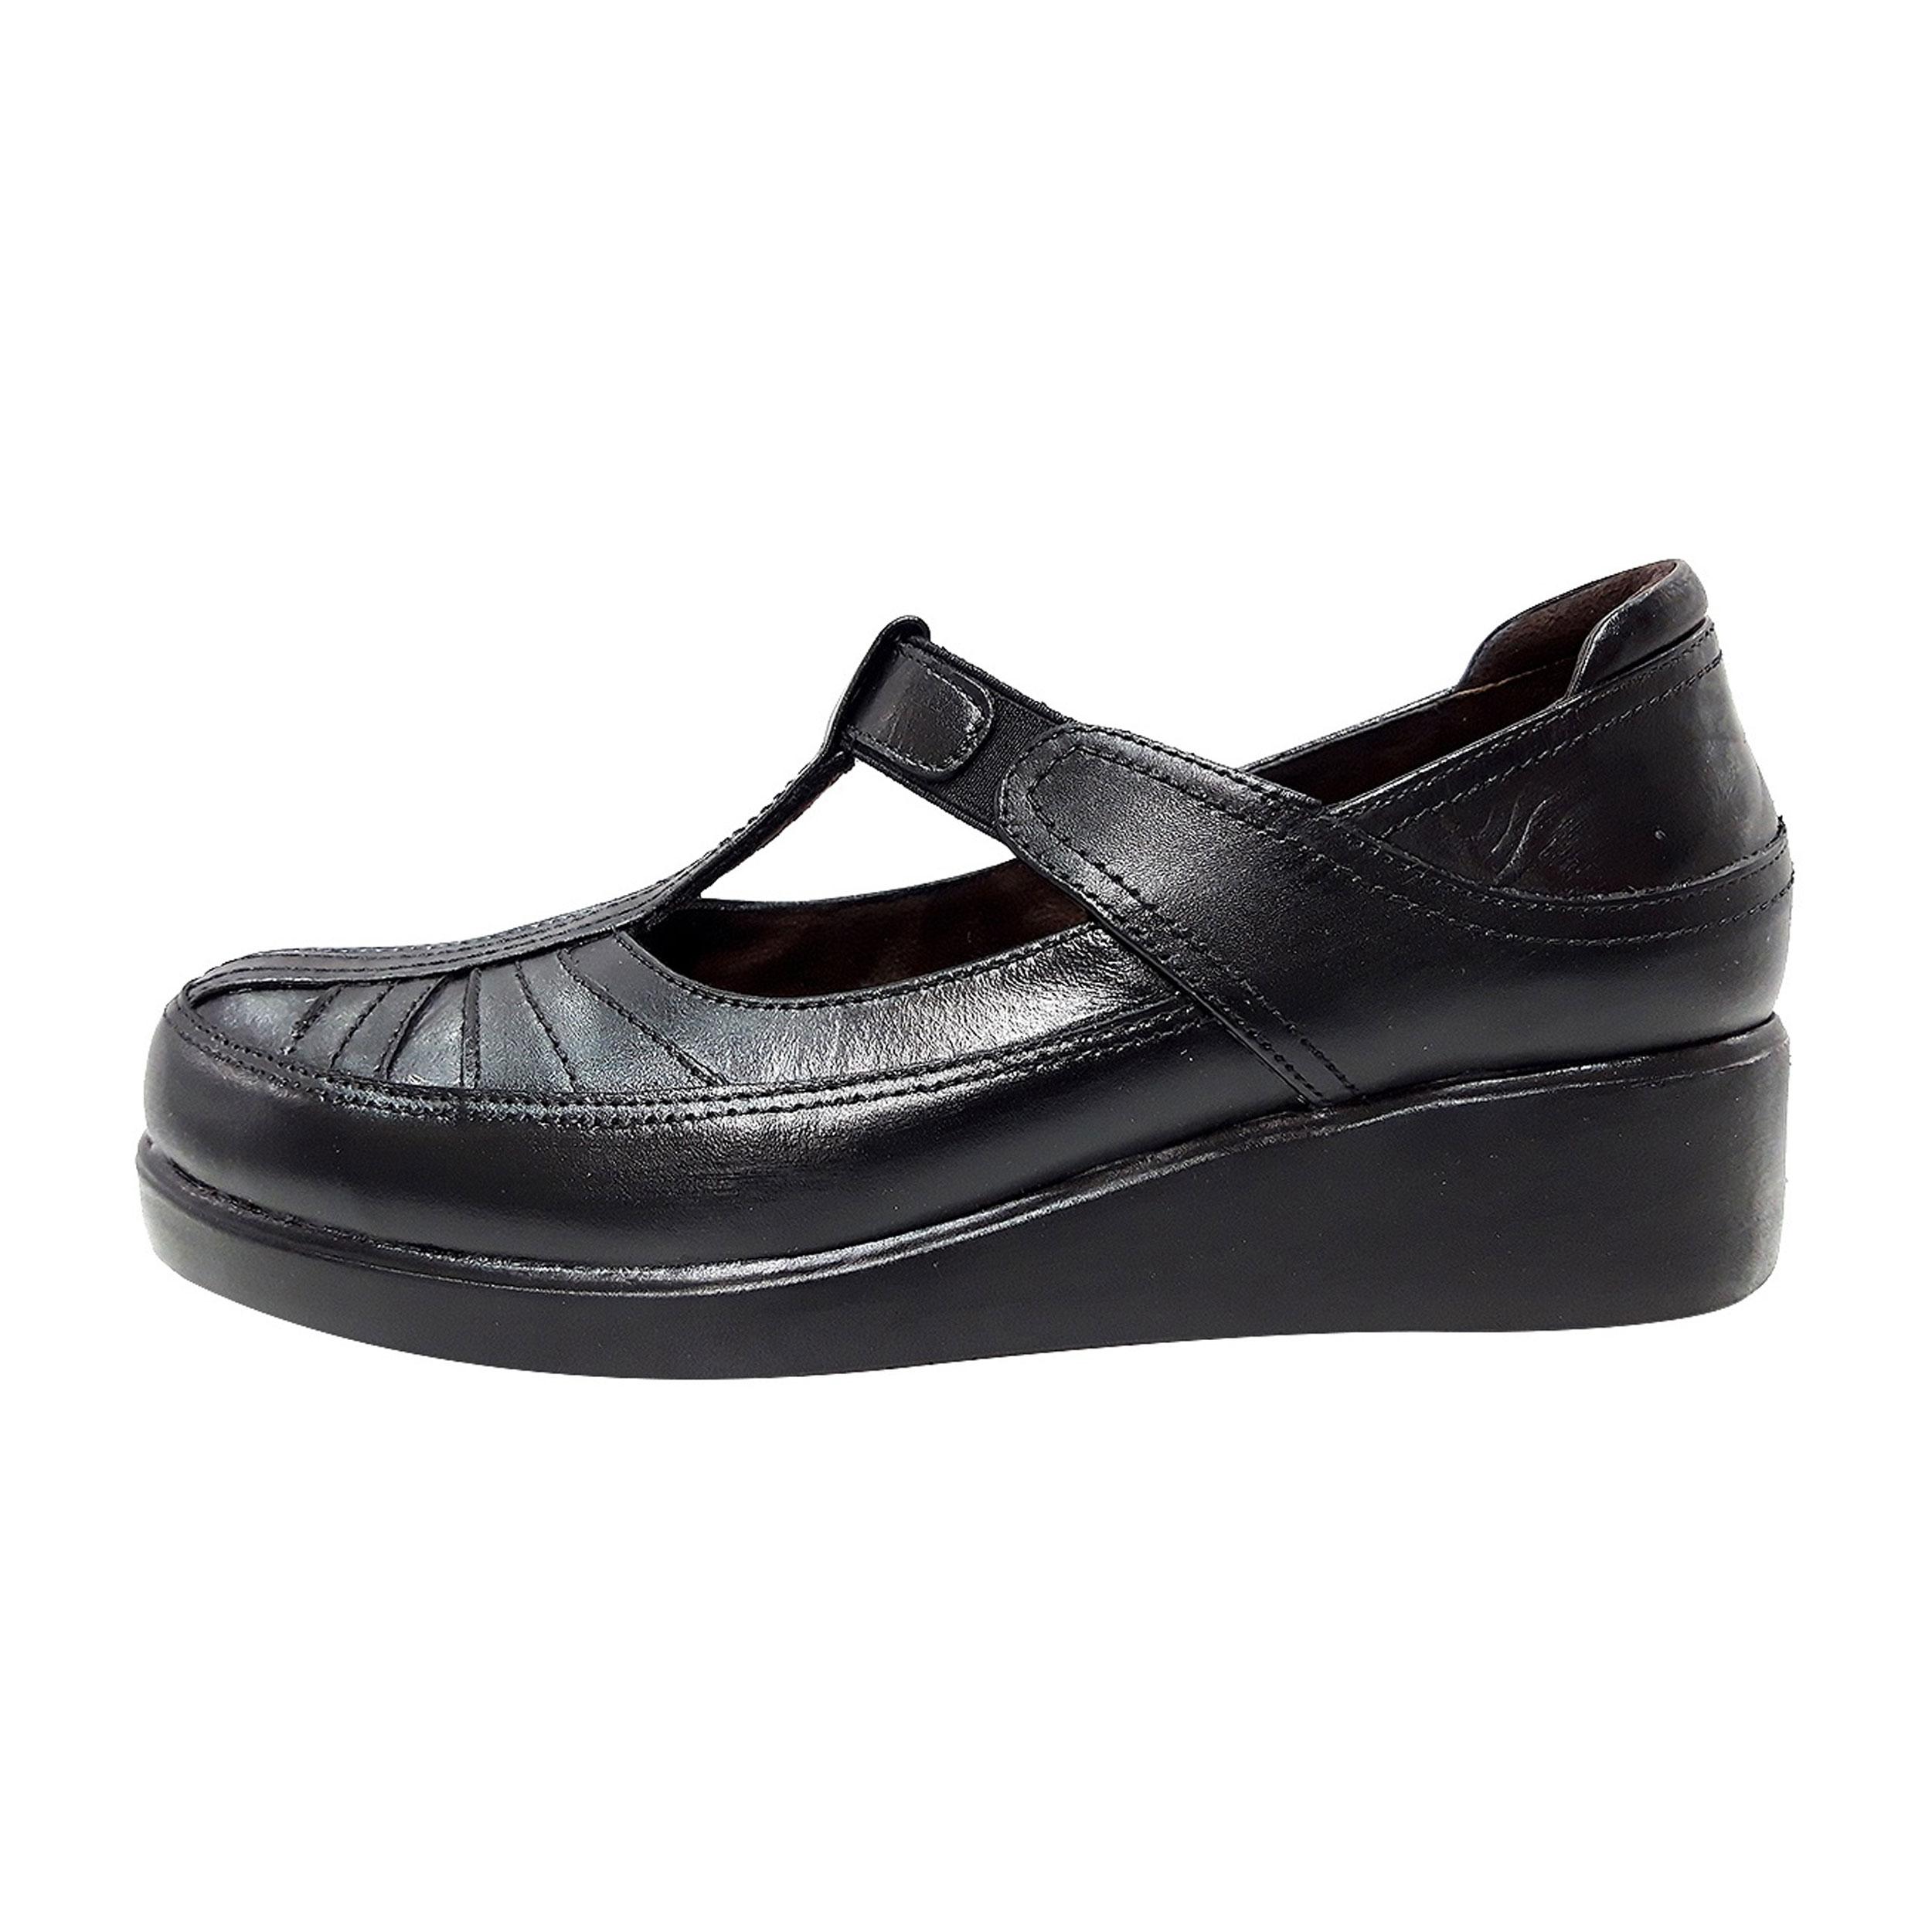 خرید                      کفش روزمره زنانه روشن مدل 301 کد 01